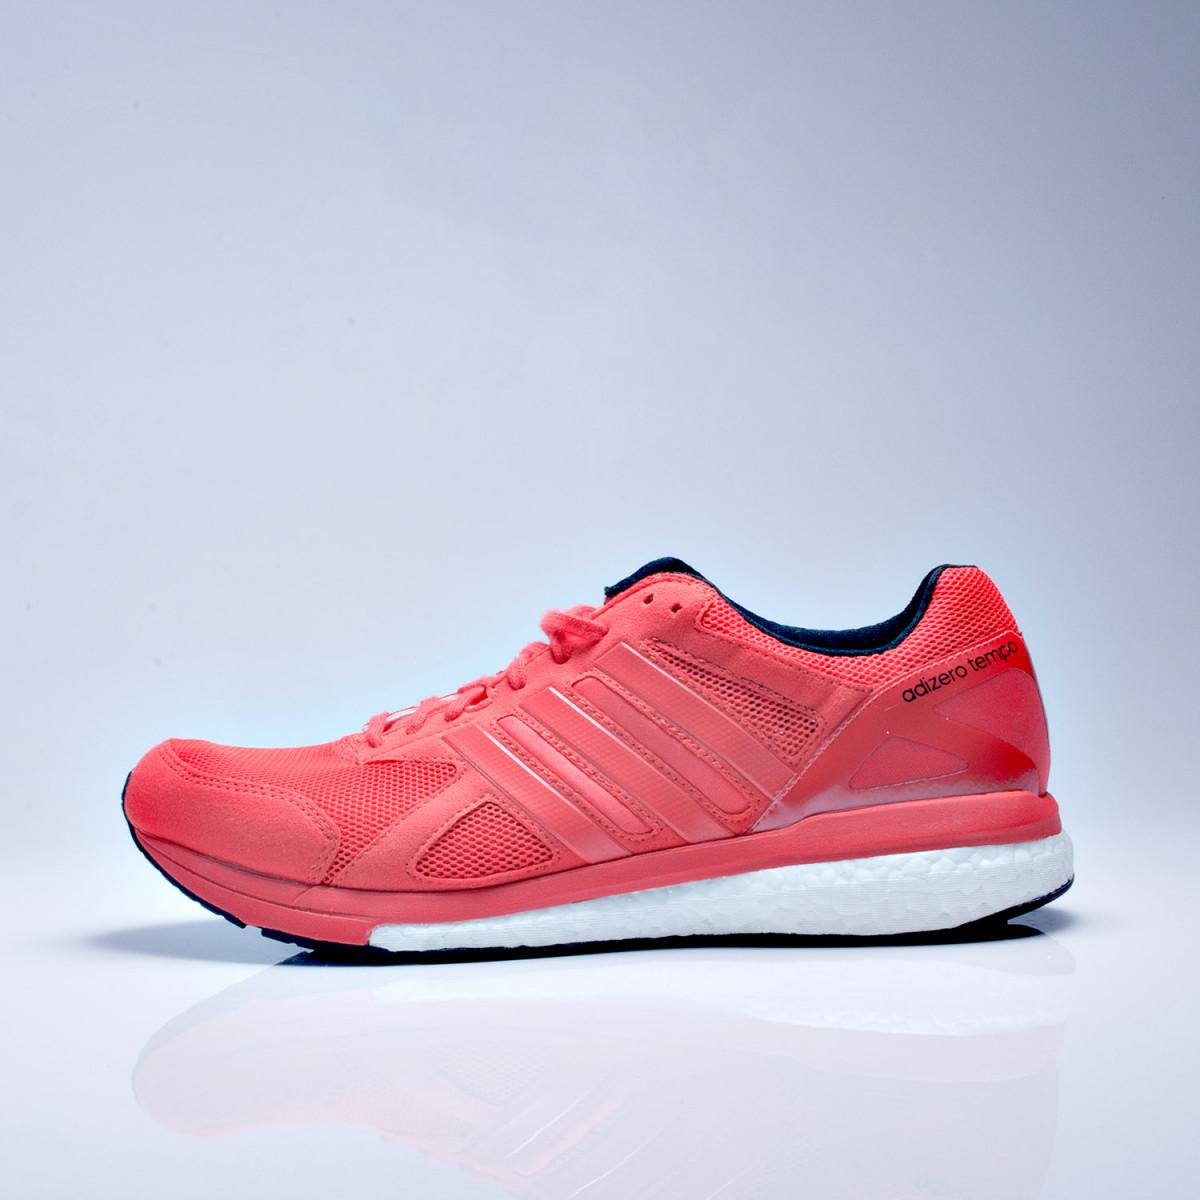 Zapatillas Adidas Adizero Tempo 8